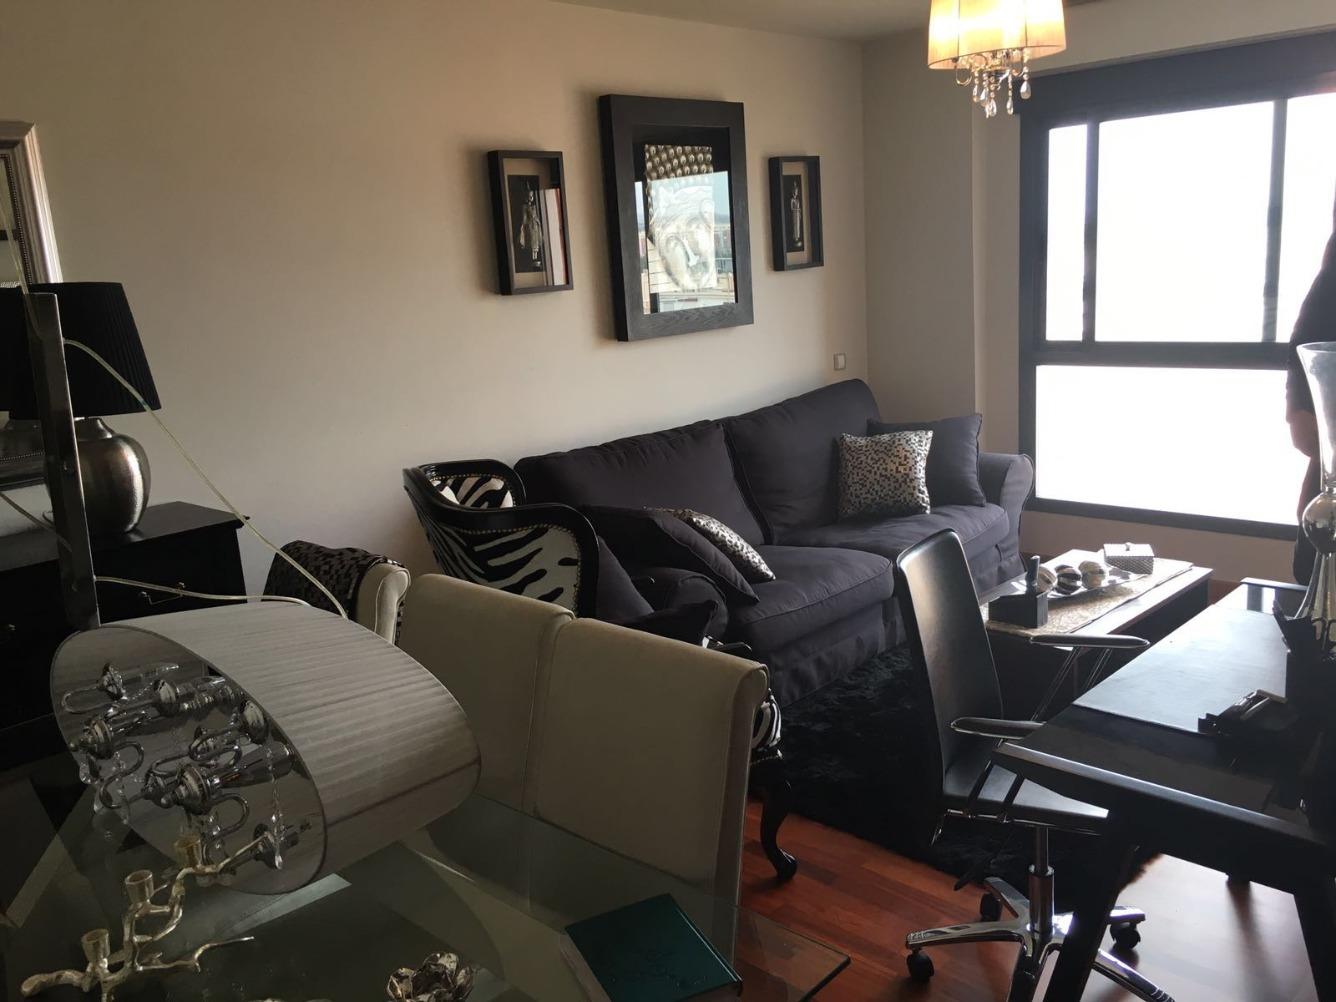 Apartamento · Murcia · El Ranero - San Basilio 600€ MES€